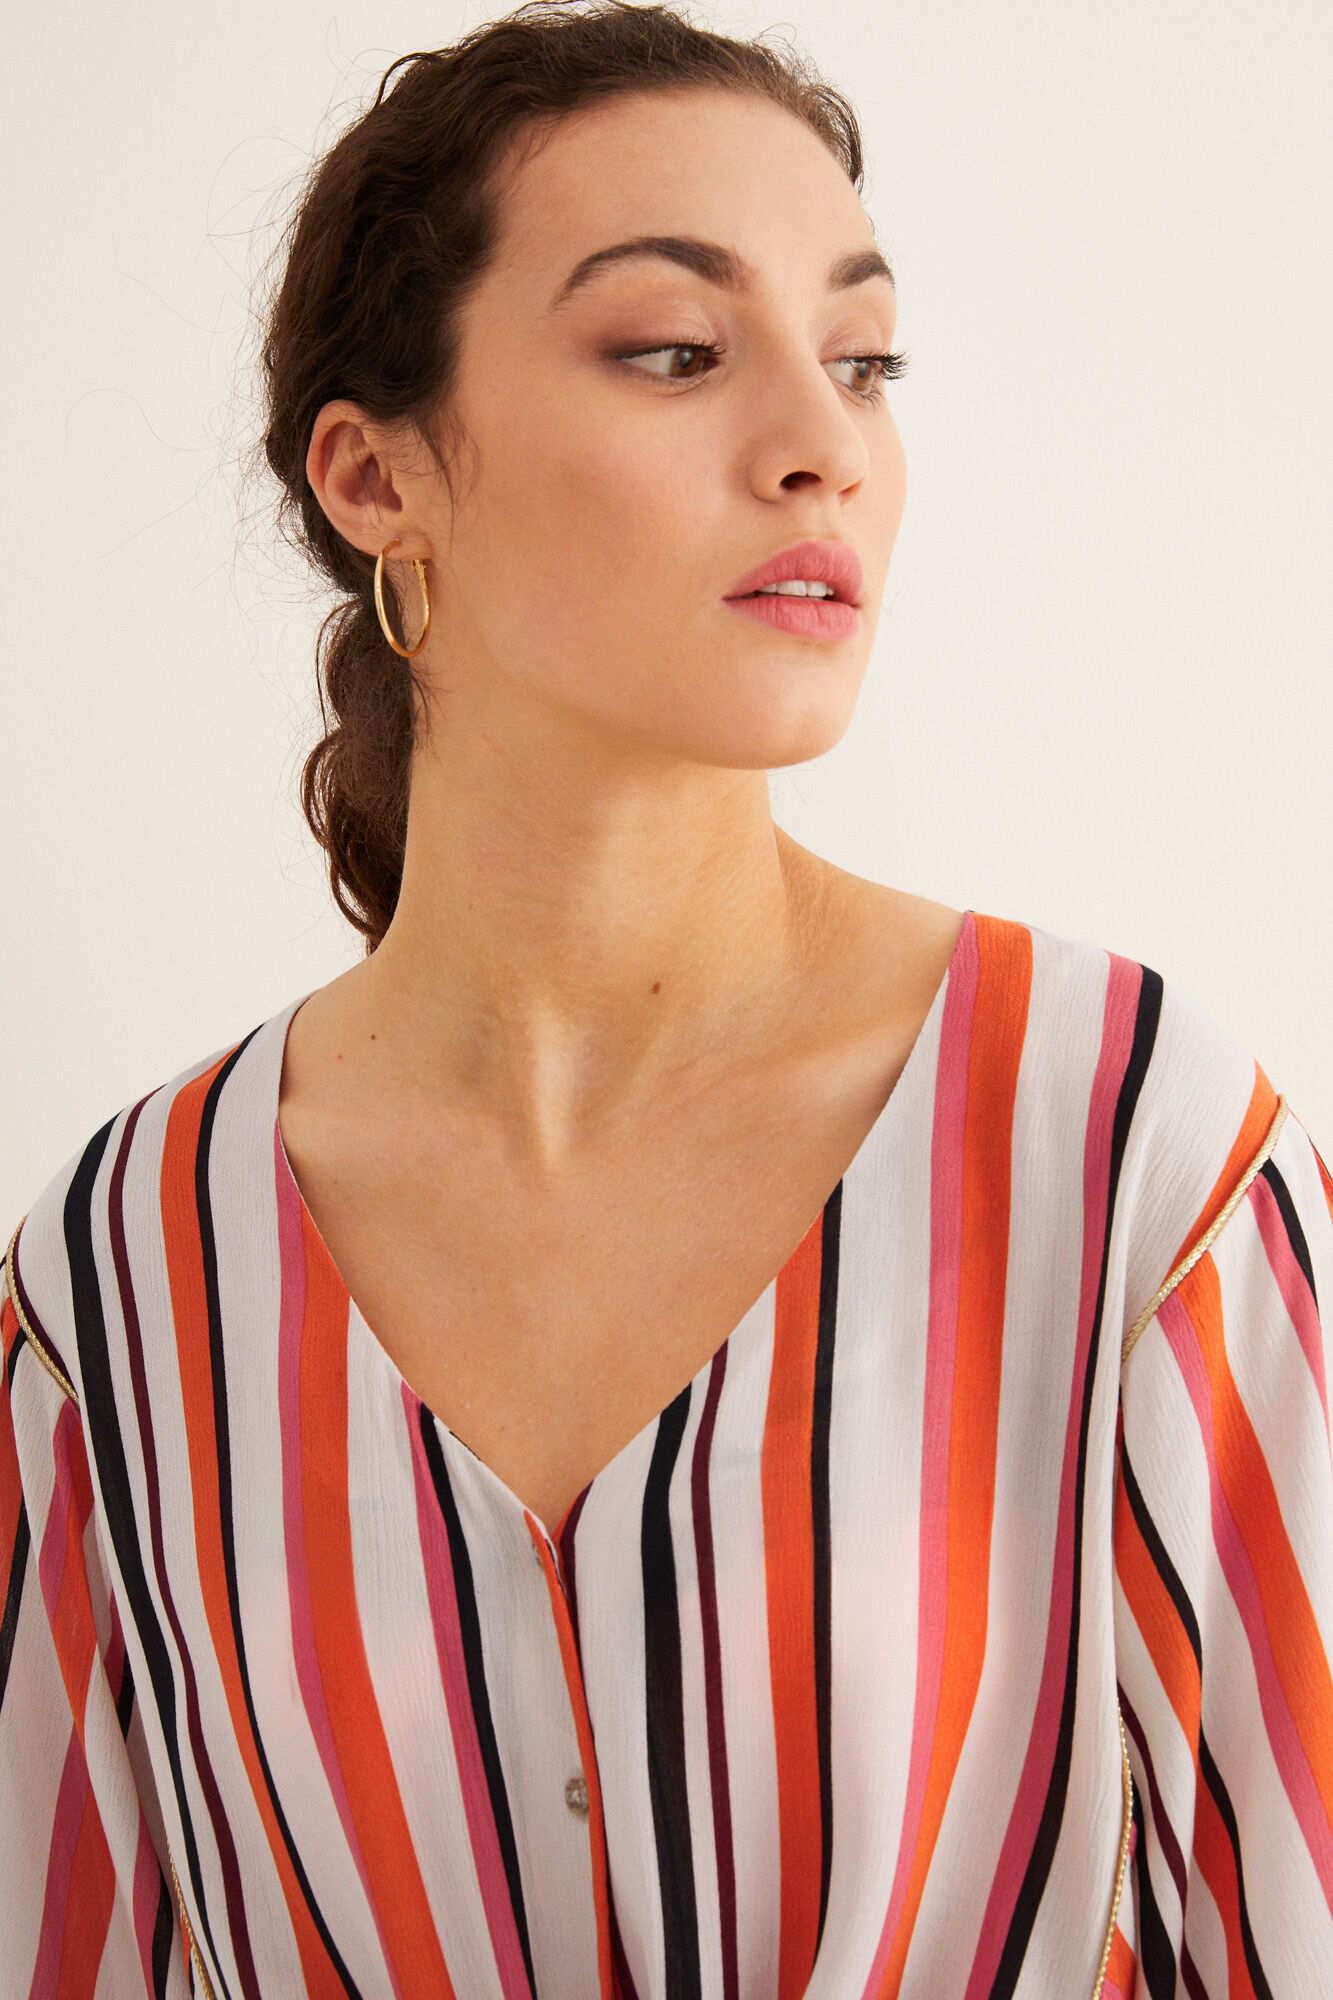 Смугаста блузка з зав'язкою